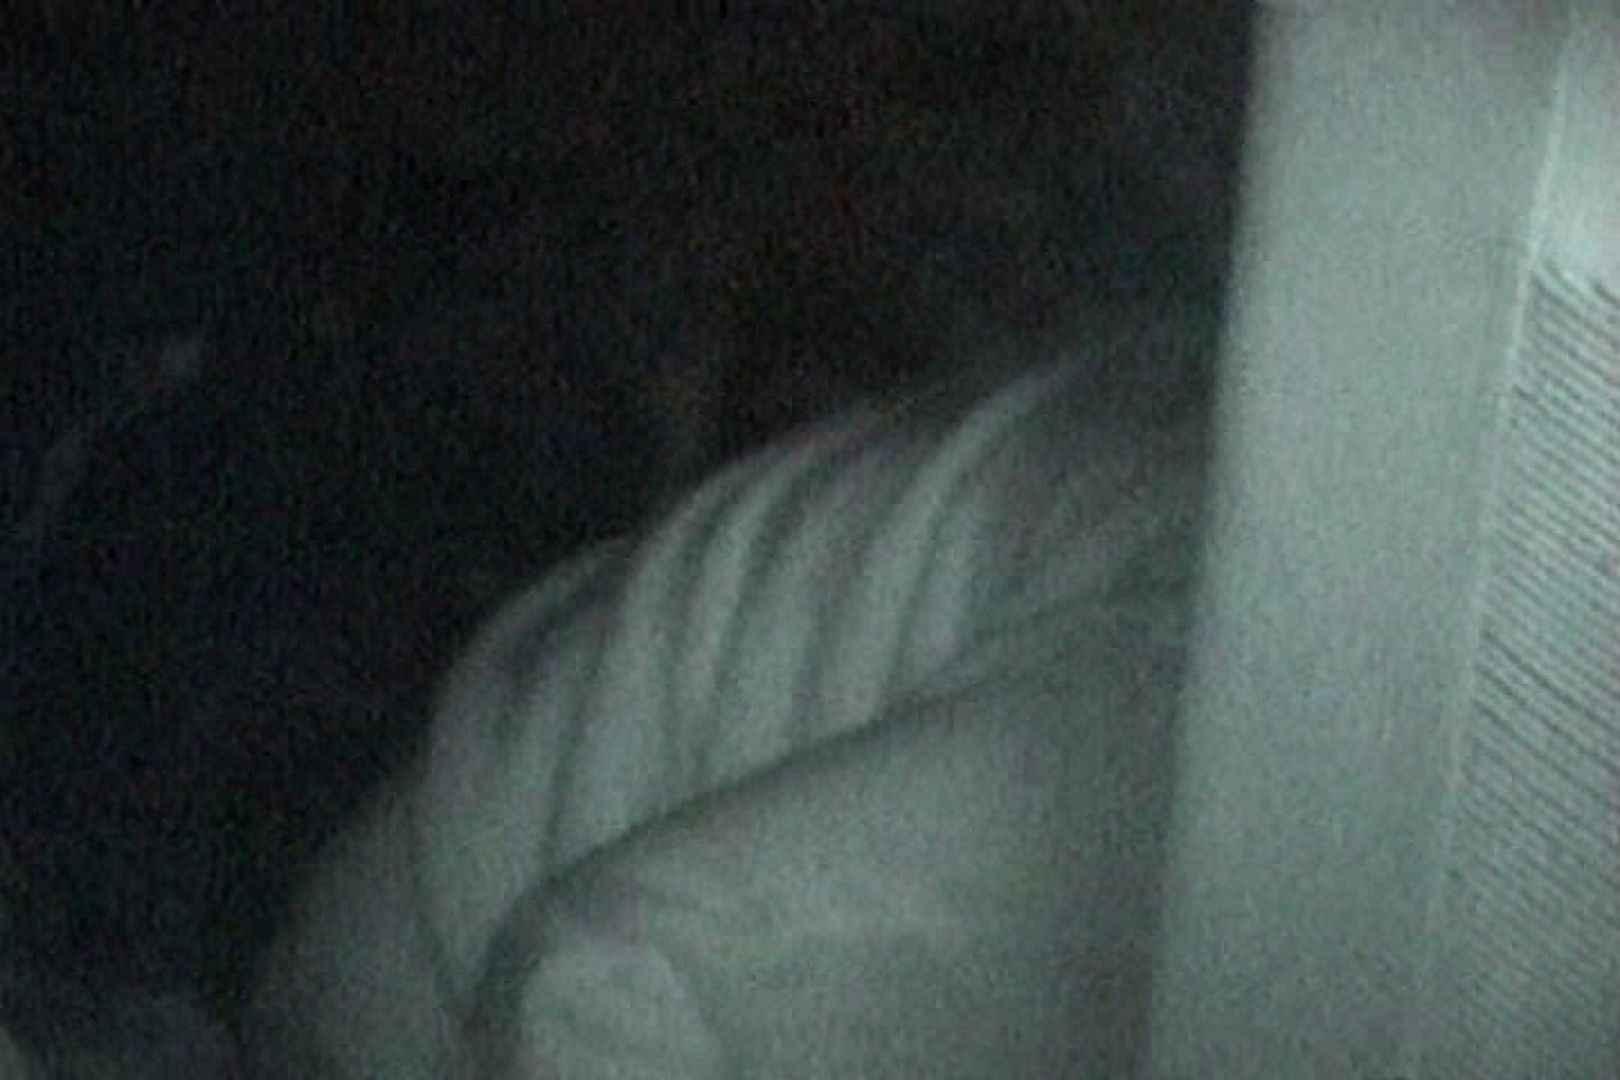 充血監督の深夜の運動会Vol.160 エロティックなOL AV動画キャプチャ 82画像 38